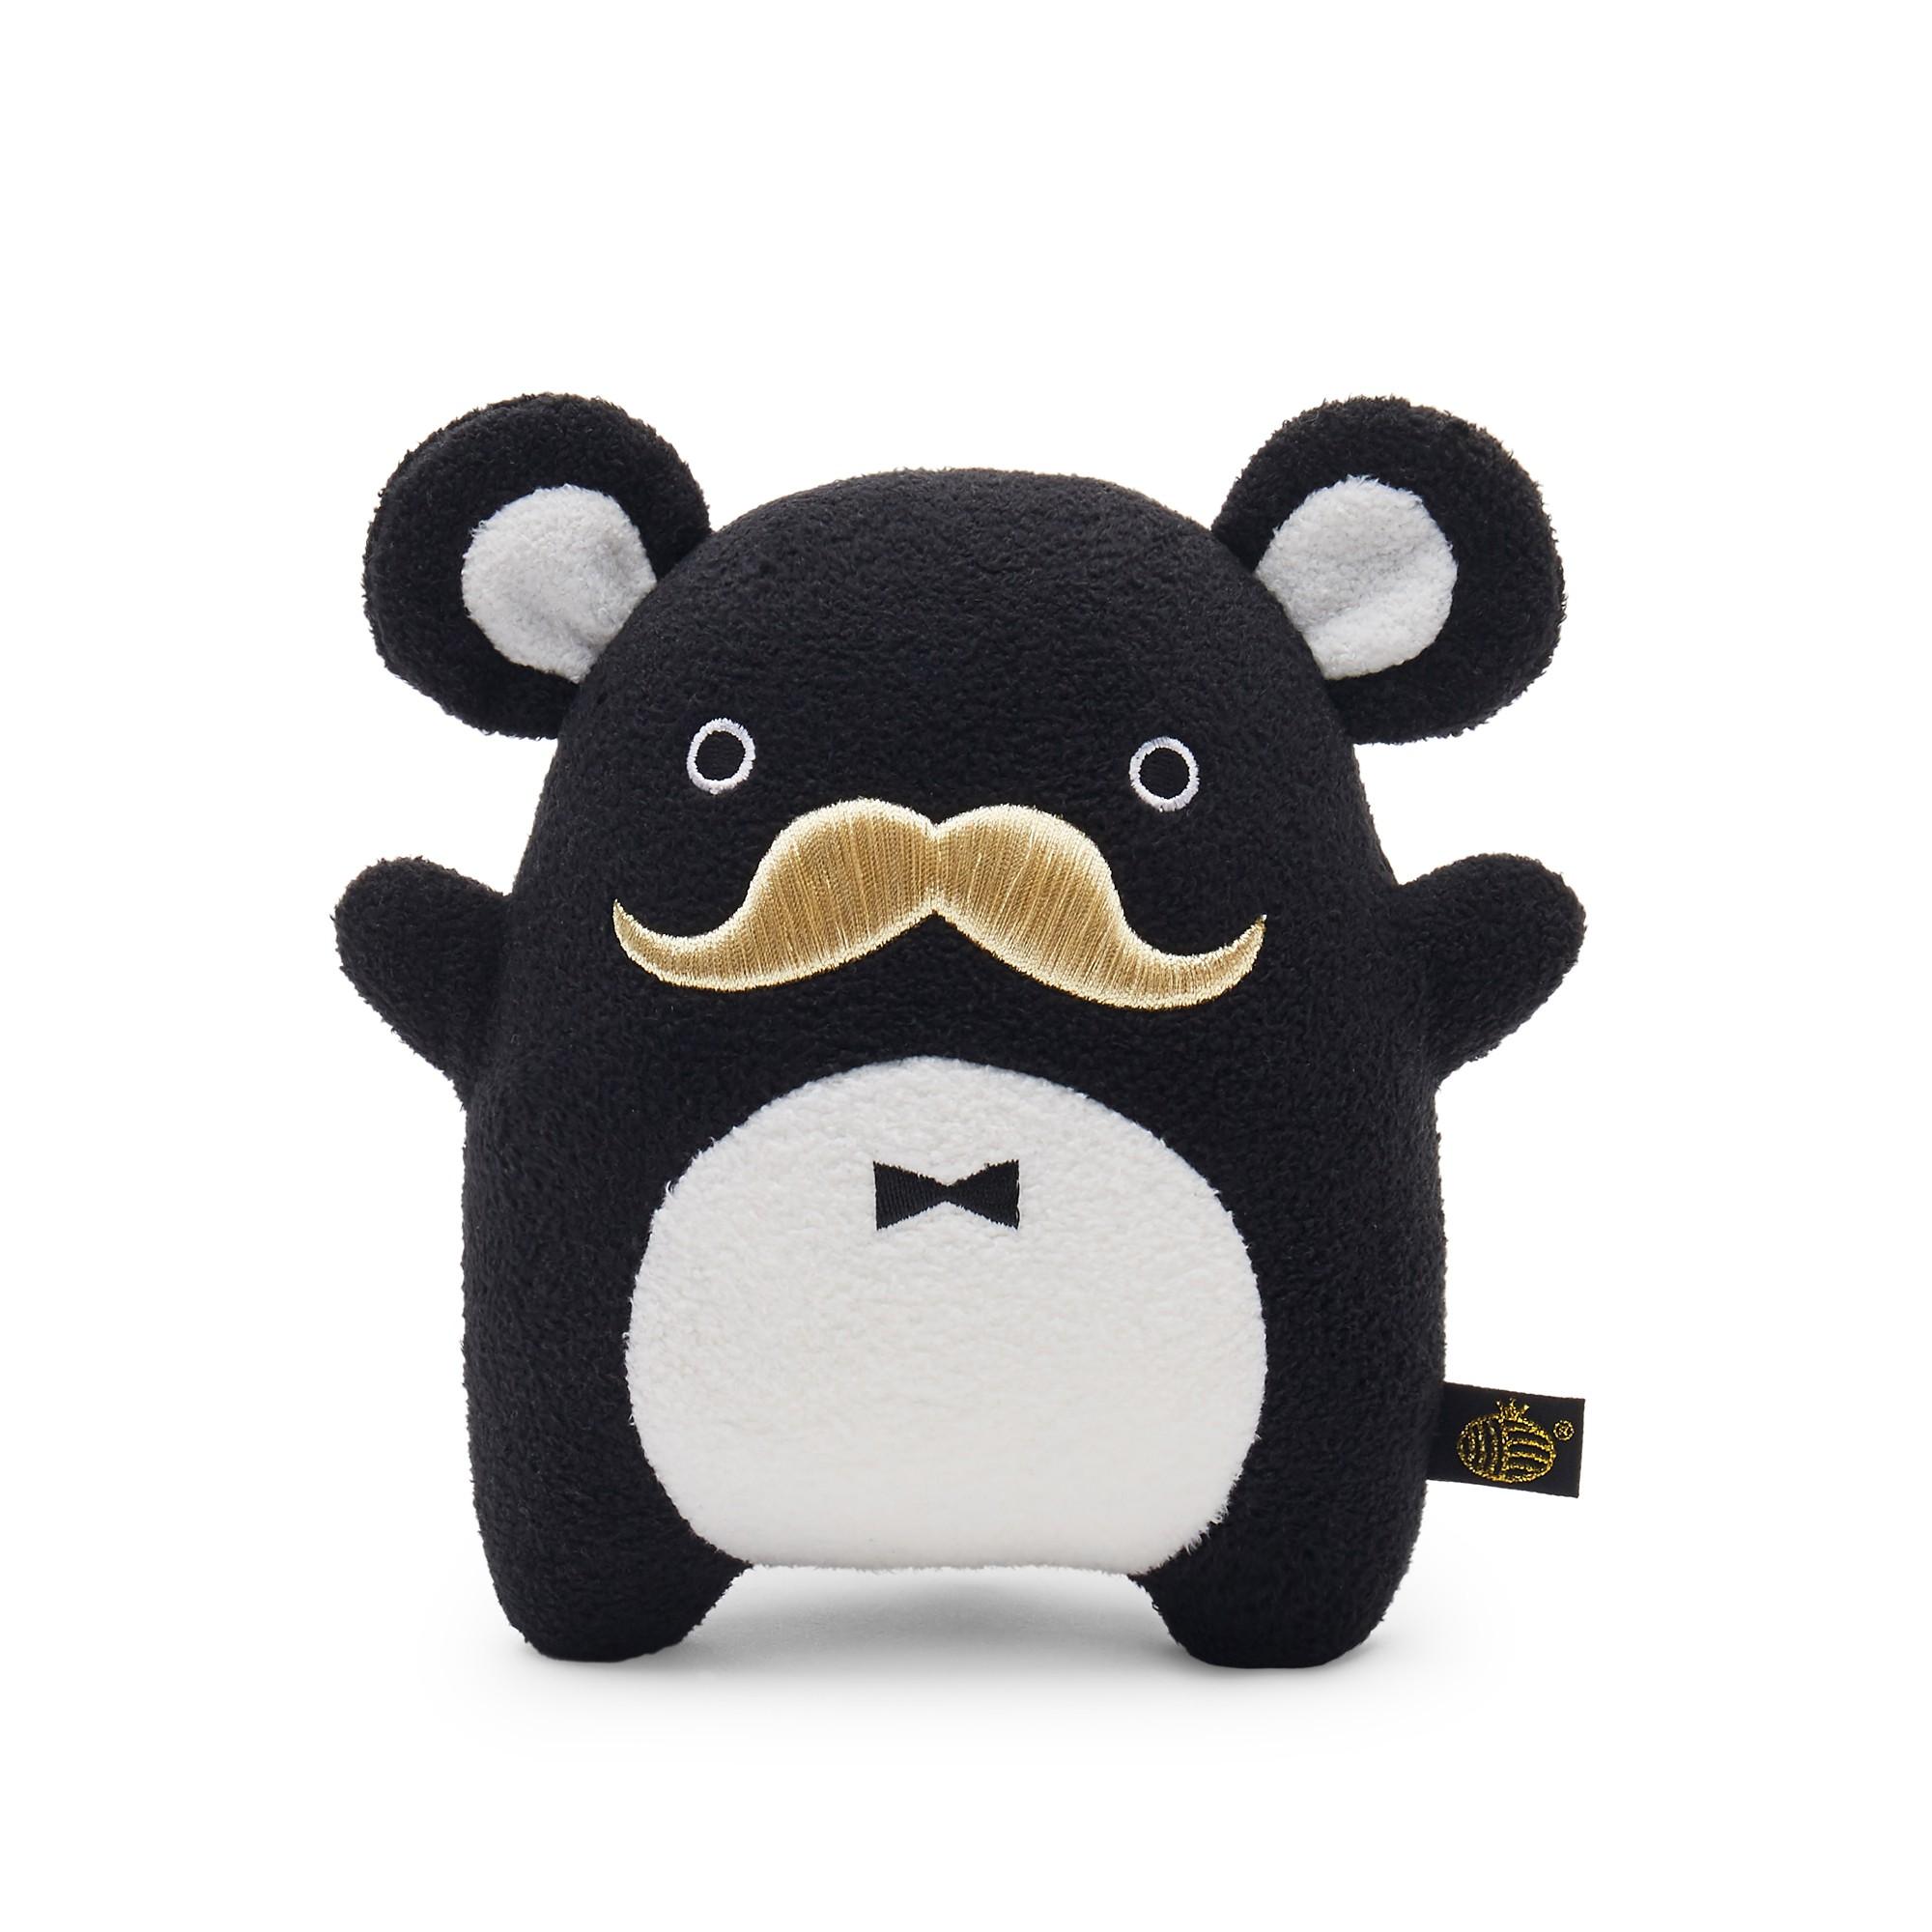 Ricepapa Plush Toy Black